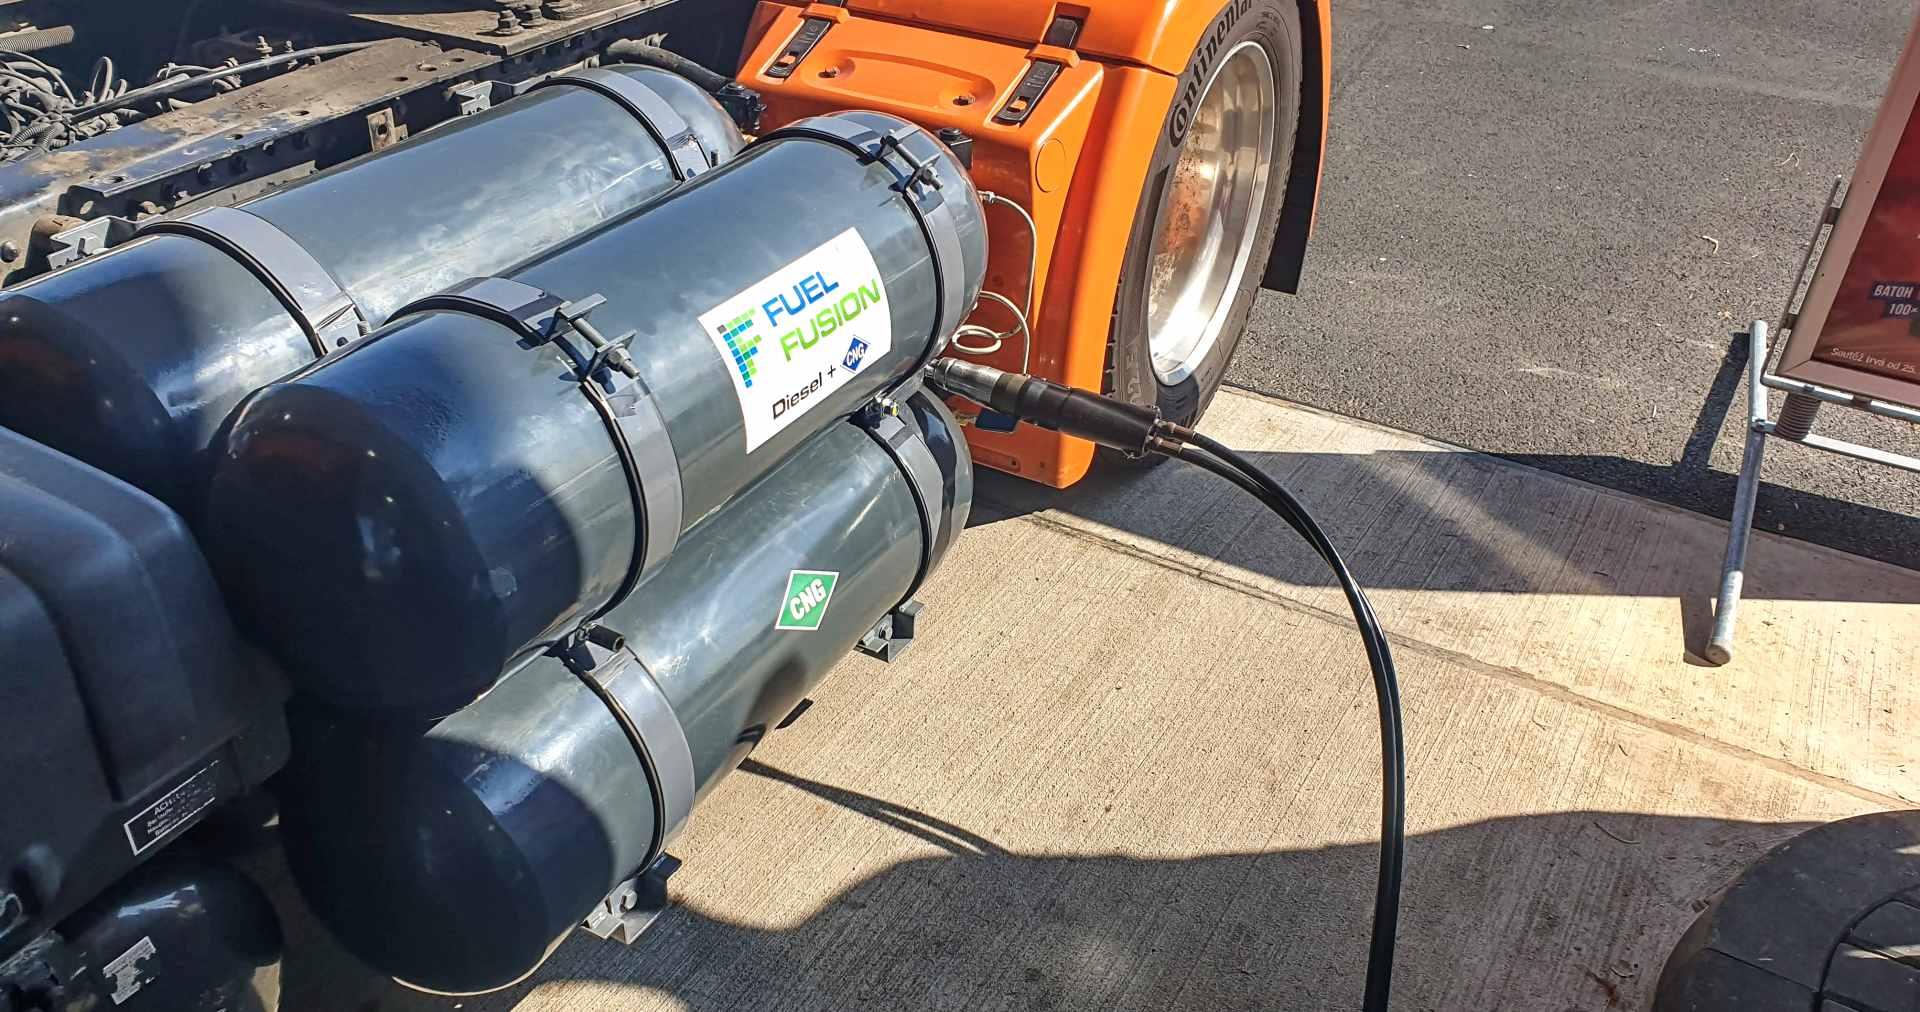 Diesel CNG duální pohony dieselů -profesionální přestavby diesel+CNG